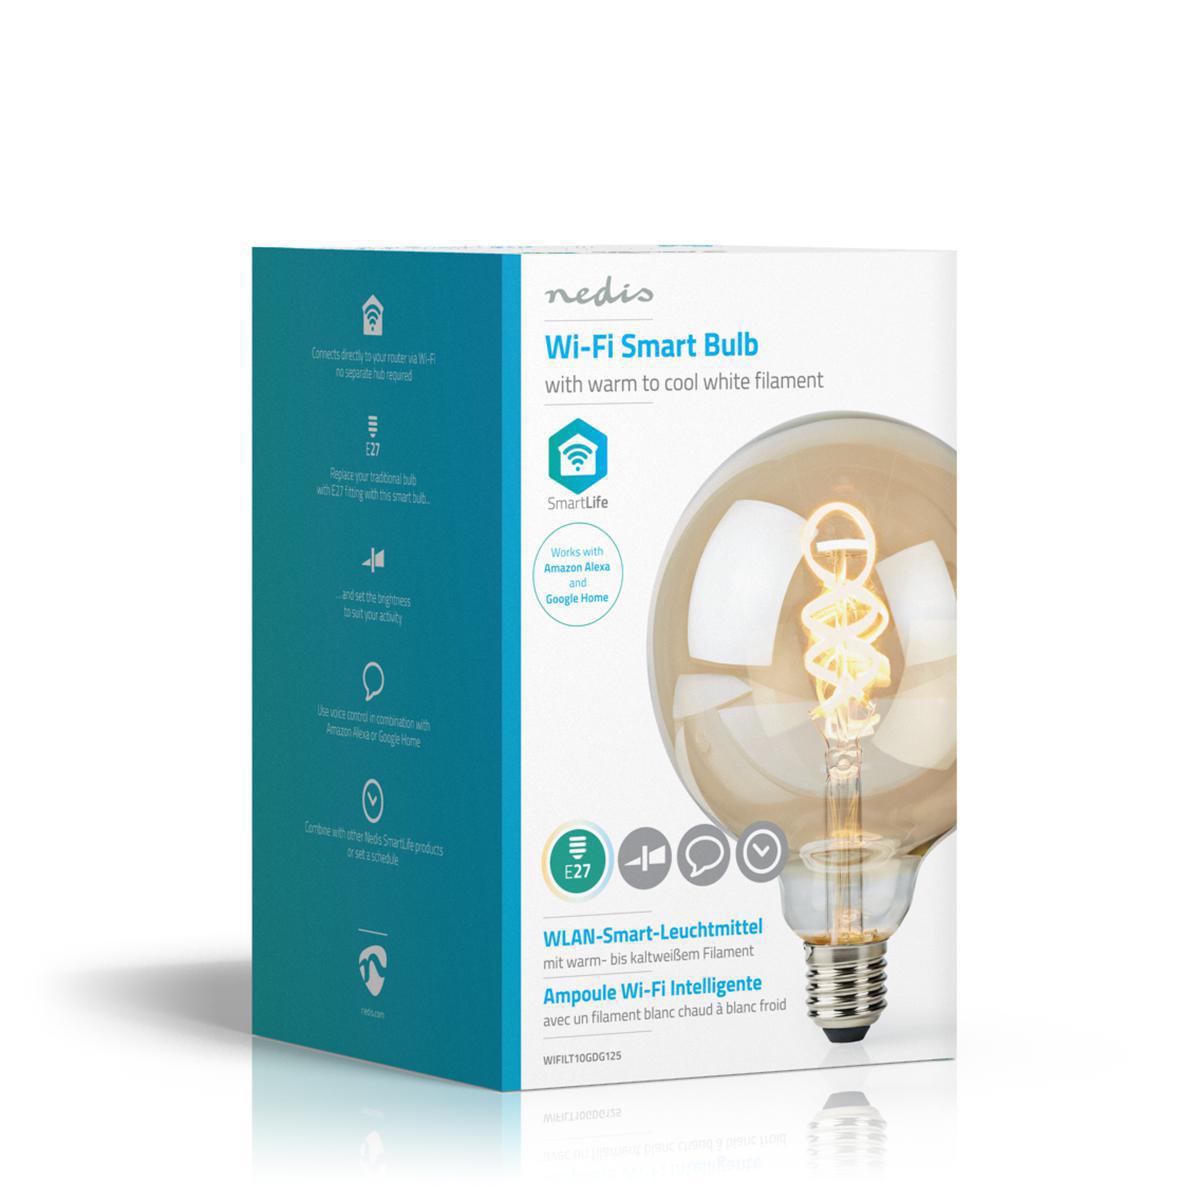 Globe spiraal lamp G125 - 125mm - LED slimme lamp - Amber - dimbaar - app besturing - filament - zijkant doos